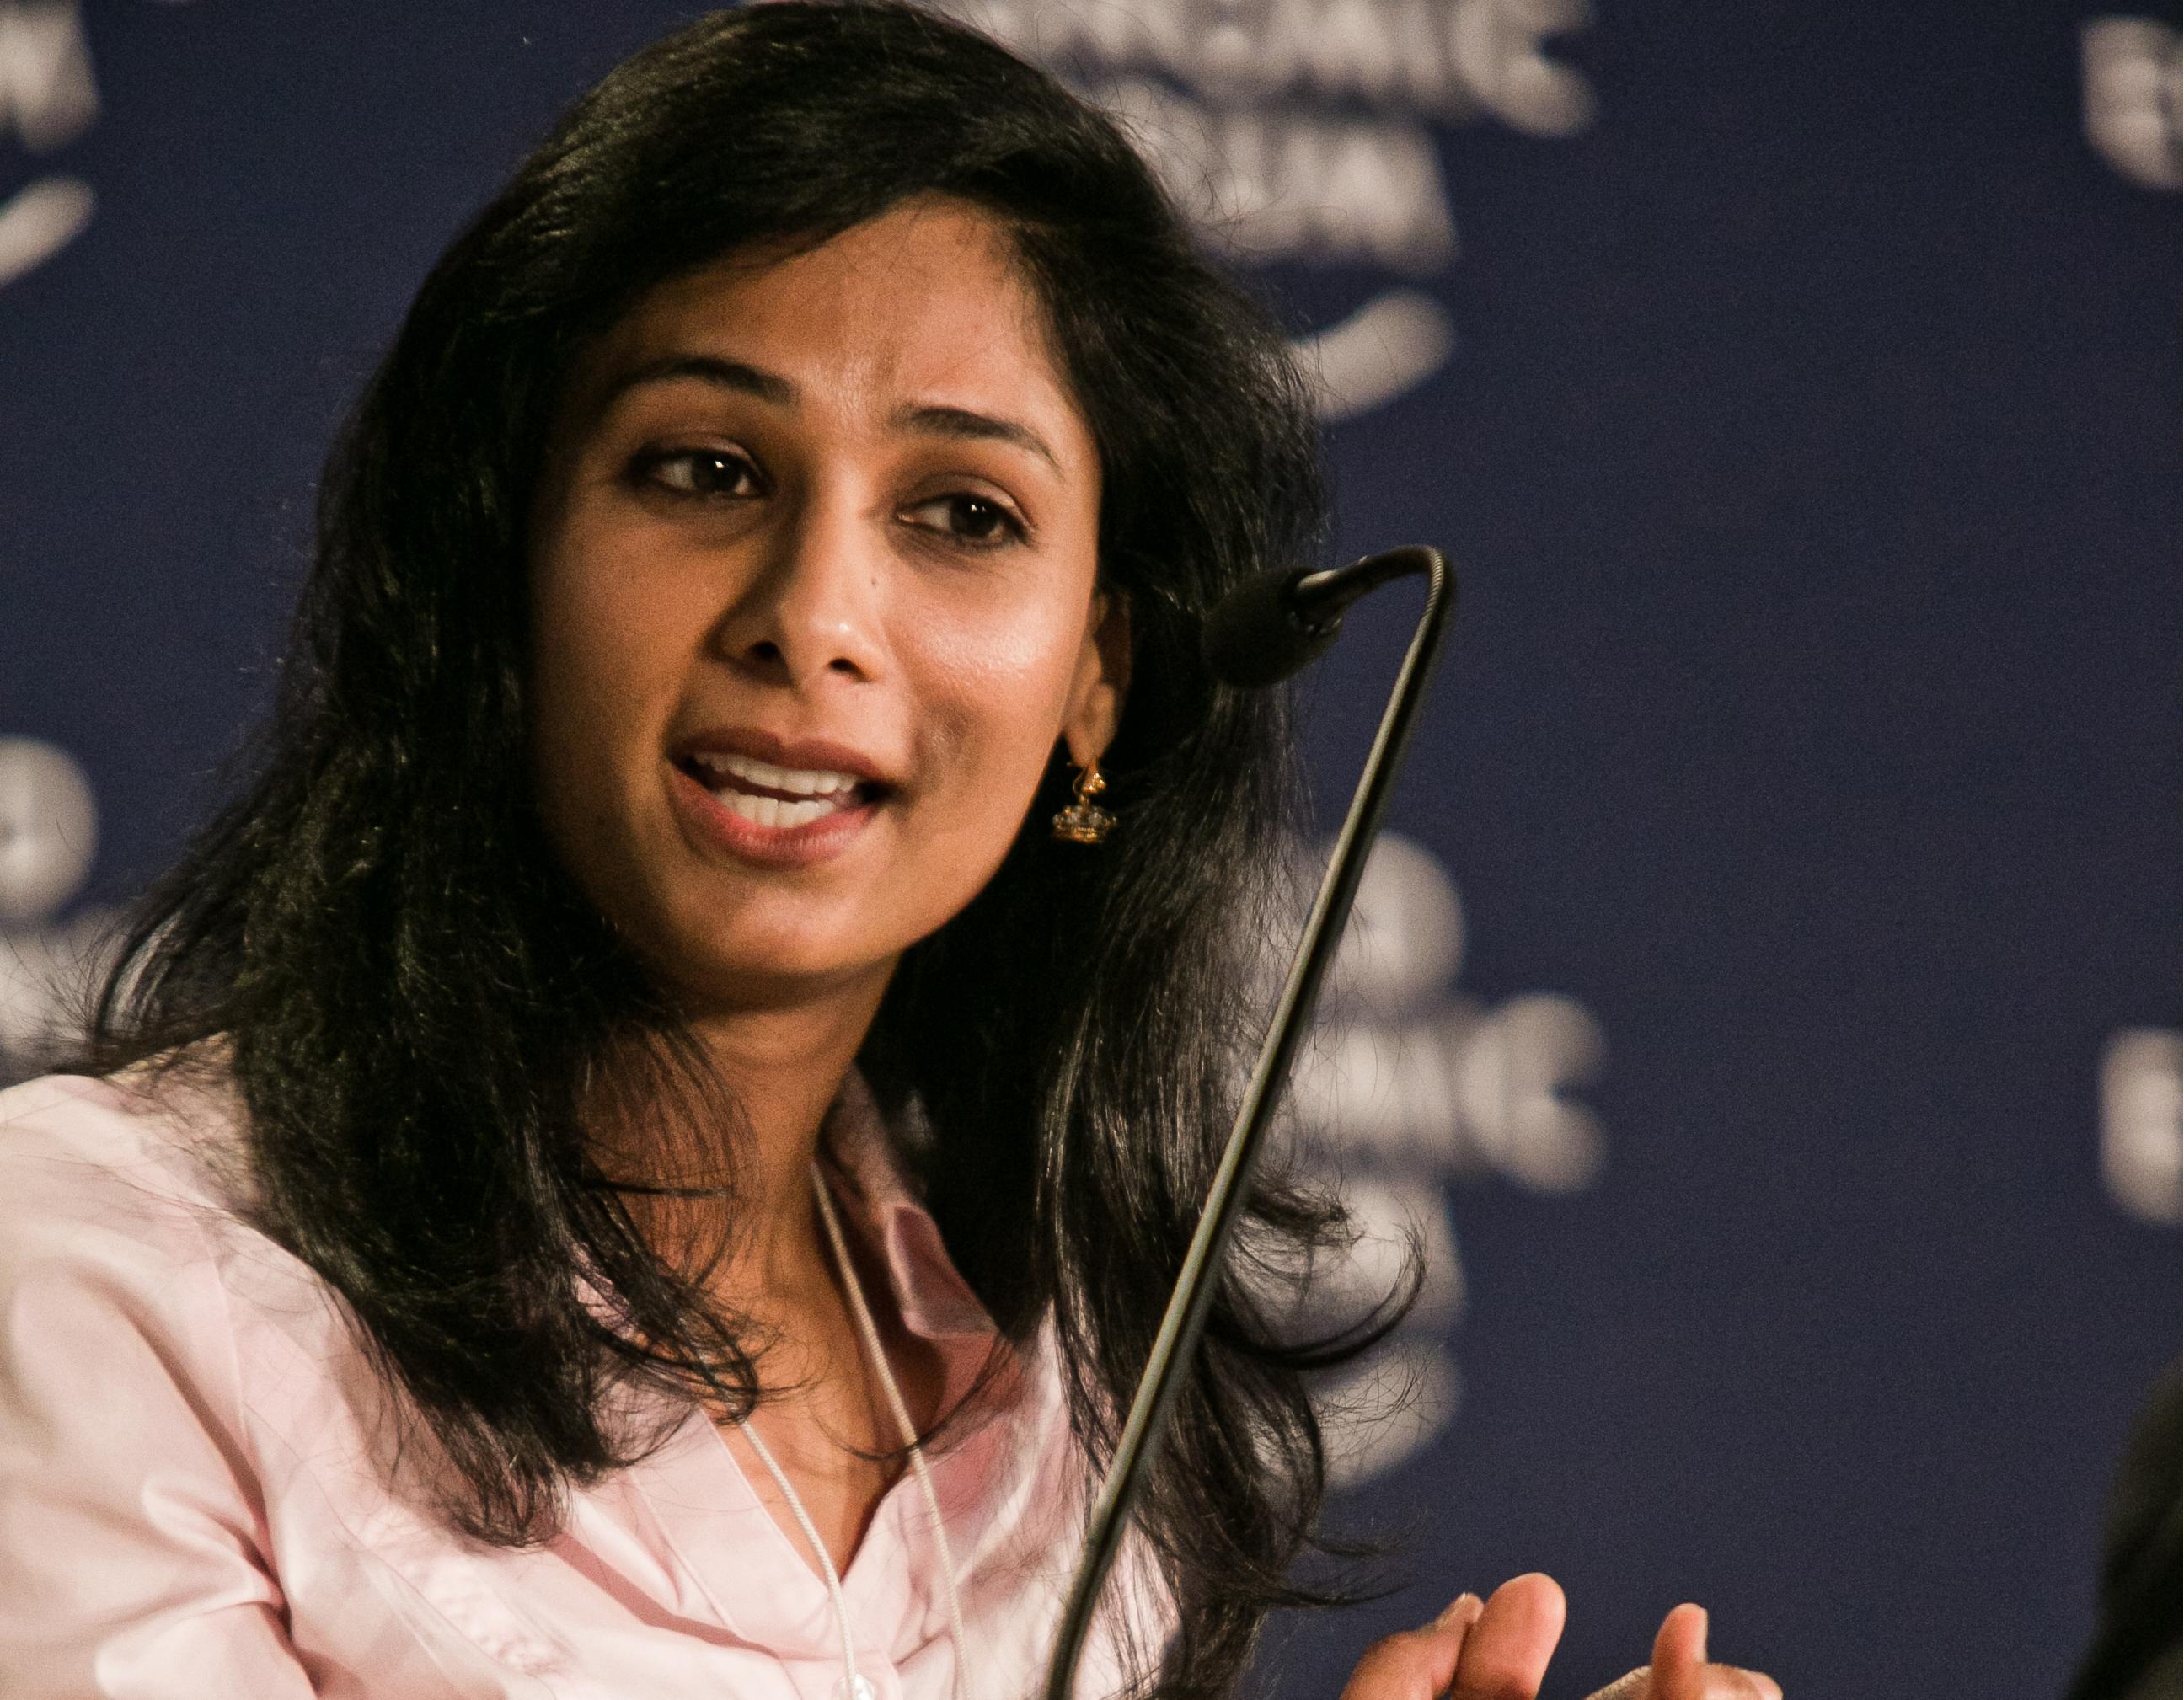 Gita Gopinath hiện là Cố vấn kinh tế, Giám đốc của Phòng nghiên cứu tại Quỹ tiền tệ Quốc tế (IMF) và là đồng biên tập của tạp chí nghiên cứu kinh tế uy tín Handbook of International Economics. Gopinath cũng là giáo sư nghiên cứu quốc tế và kinh tế học John Zwaanstra của khoa kinh tế, Đại học Harvard (Mỹ) và có thời gian làm việc dưới tư cách  thành viên Nhóm tư vấn cao cấp về các vấn đề G-20 cho Bộ Tài chính Ấn Độ.